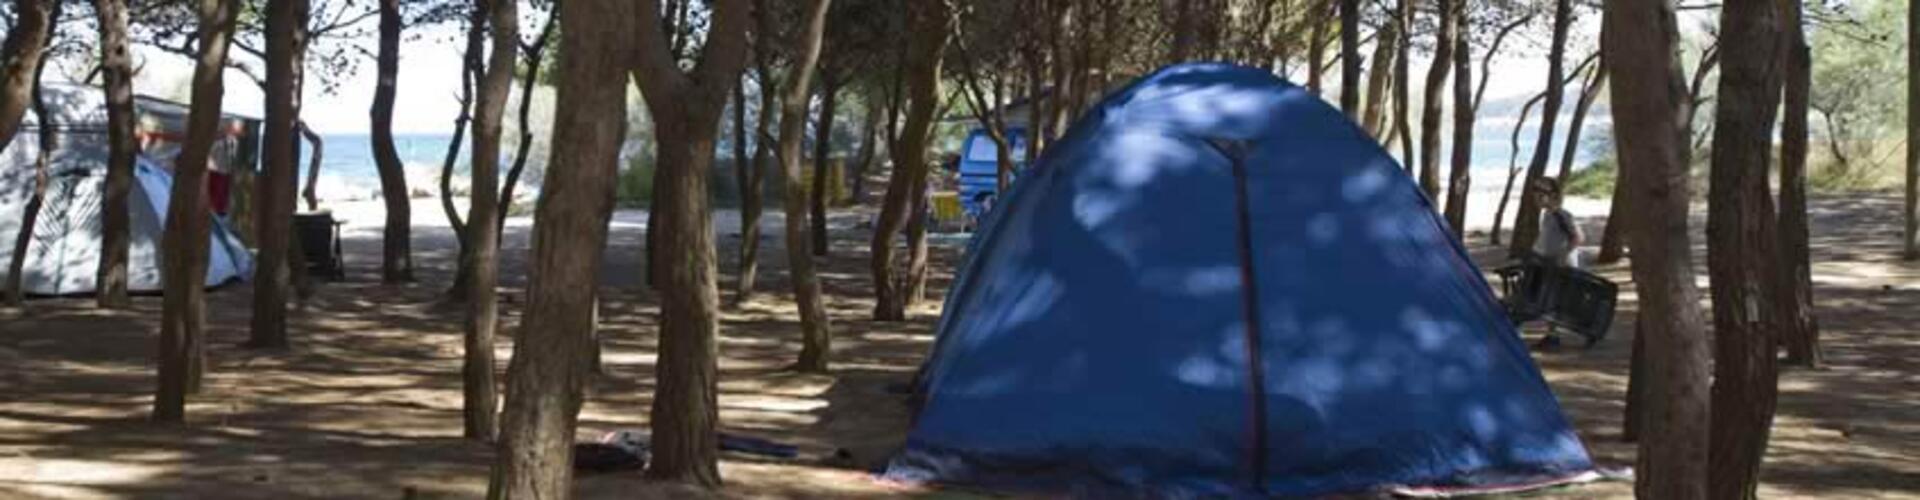 lavecchiatorregallipoli it campeggio 008